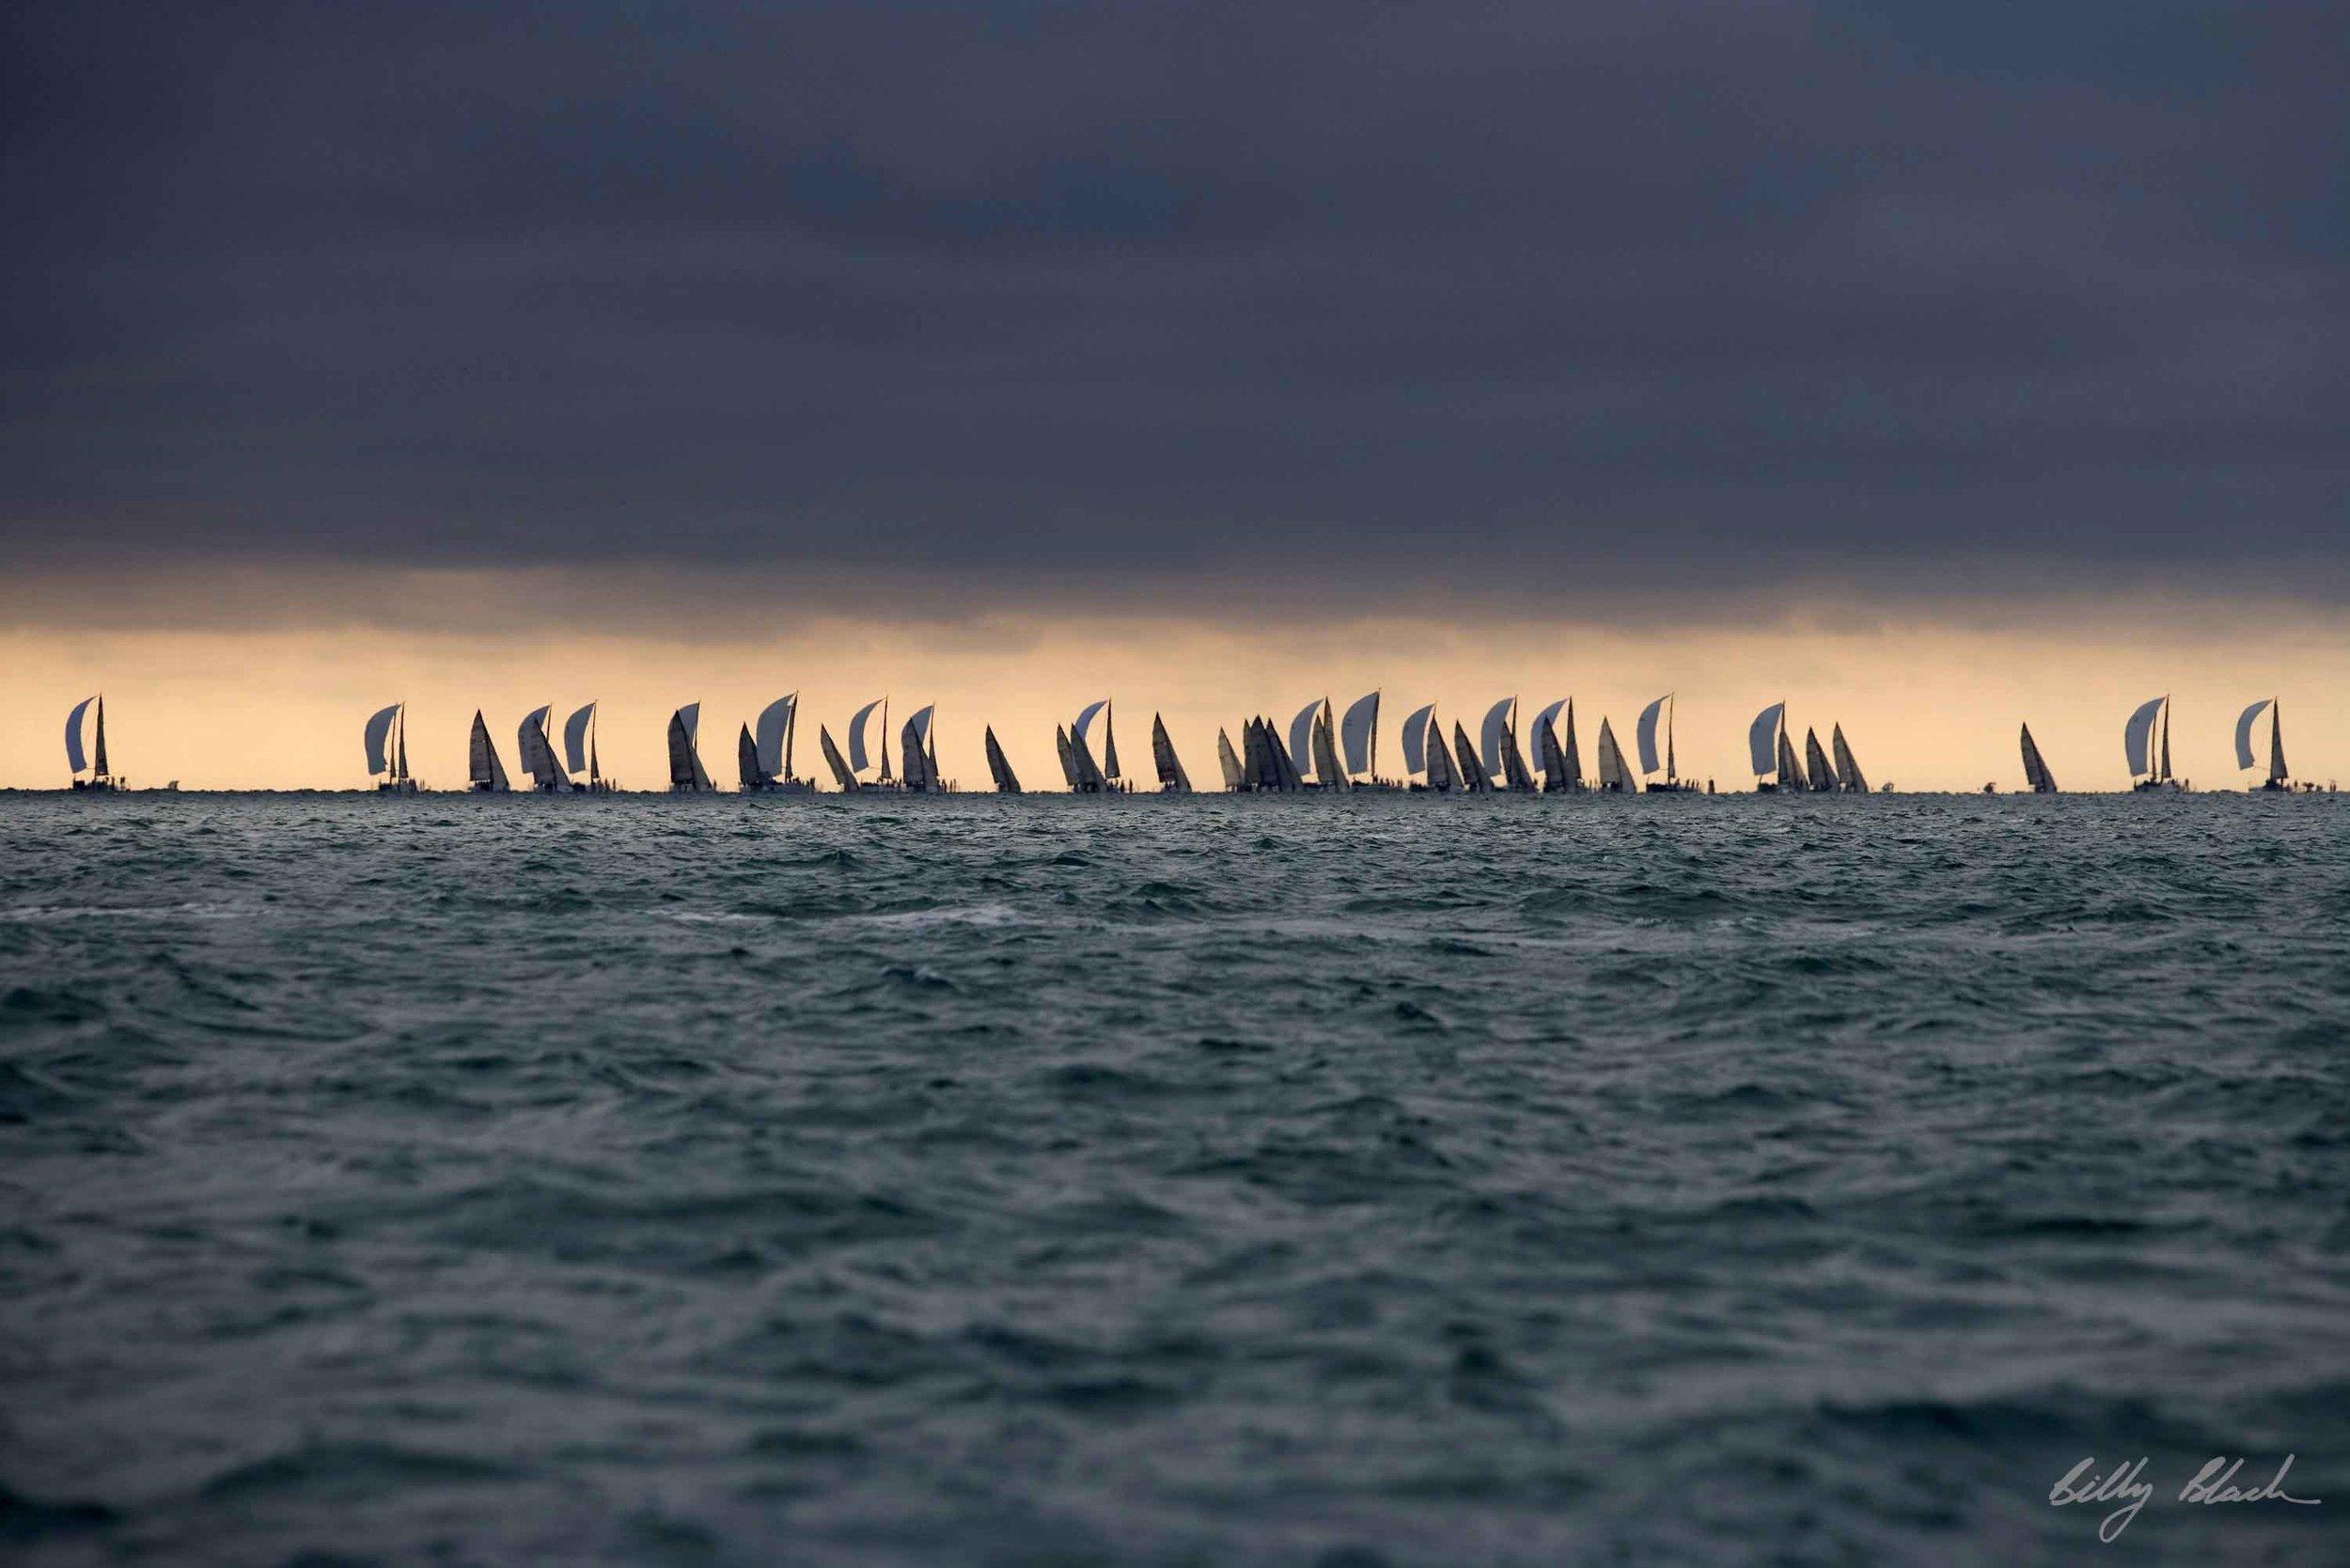 Key West Race Week